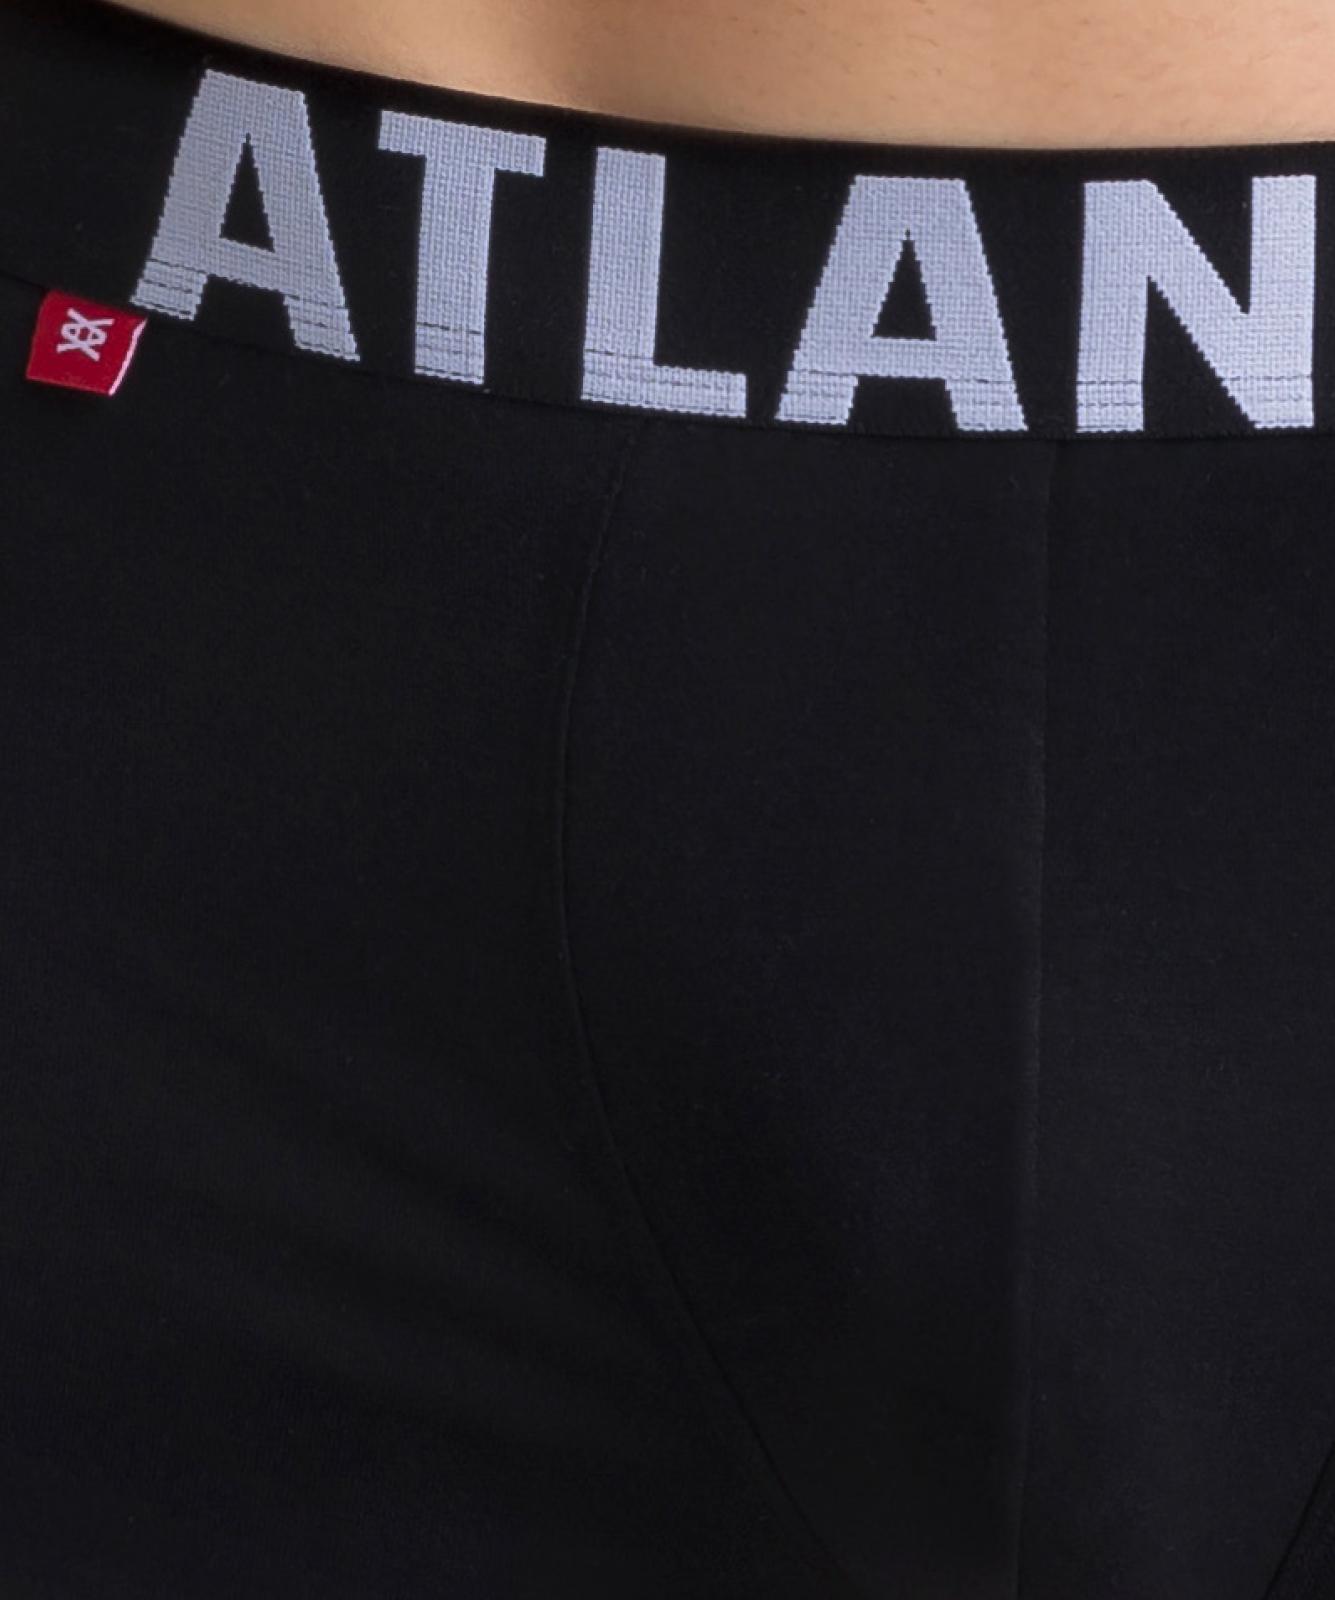 Мужские трусы шорты Atlantic, набор из 3 шт., хлопок, черные, 3SMH-003